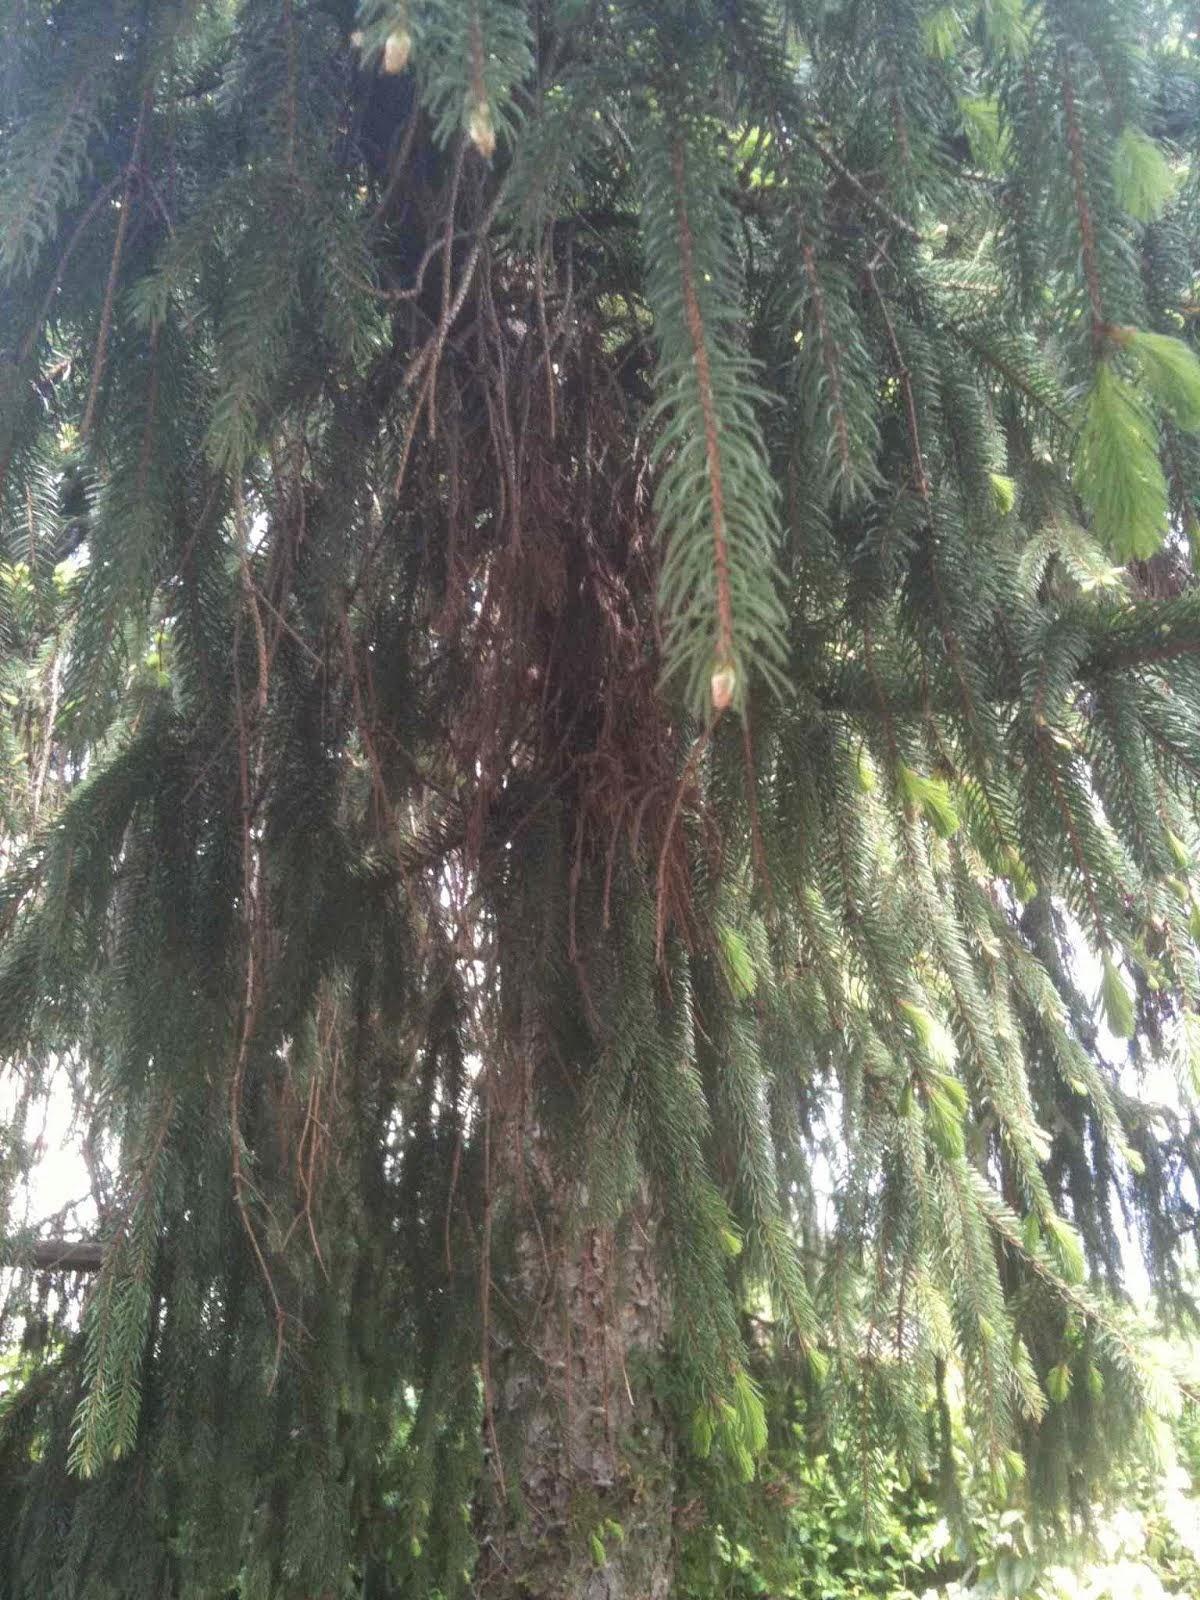 arbre sabi i gegantí